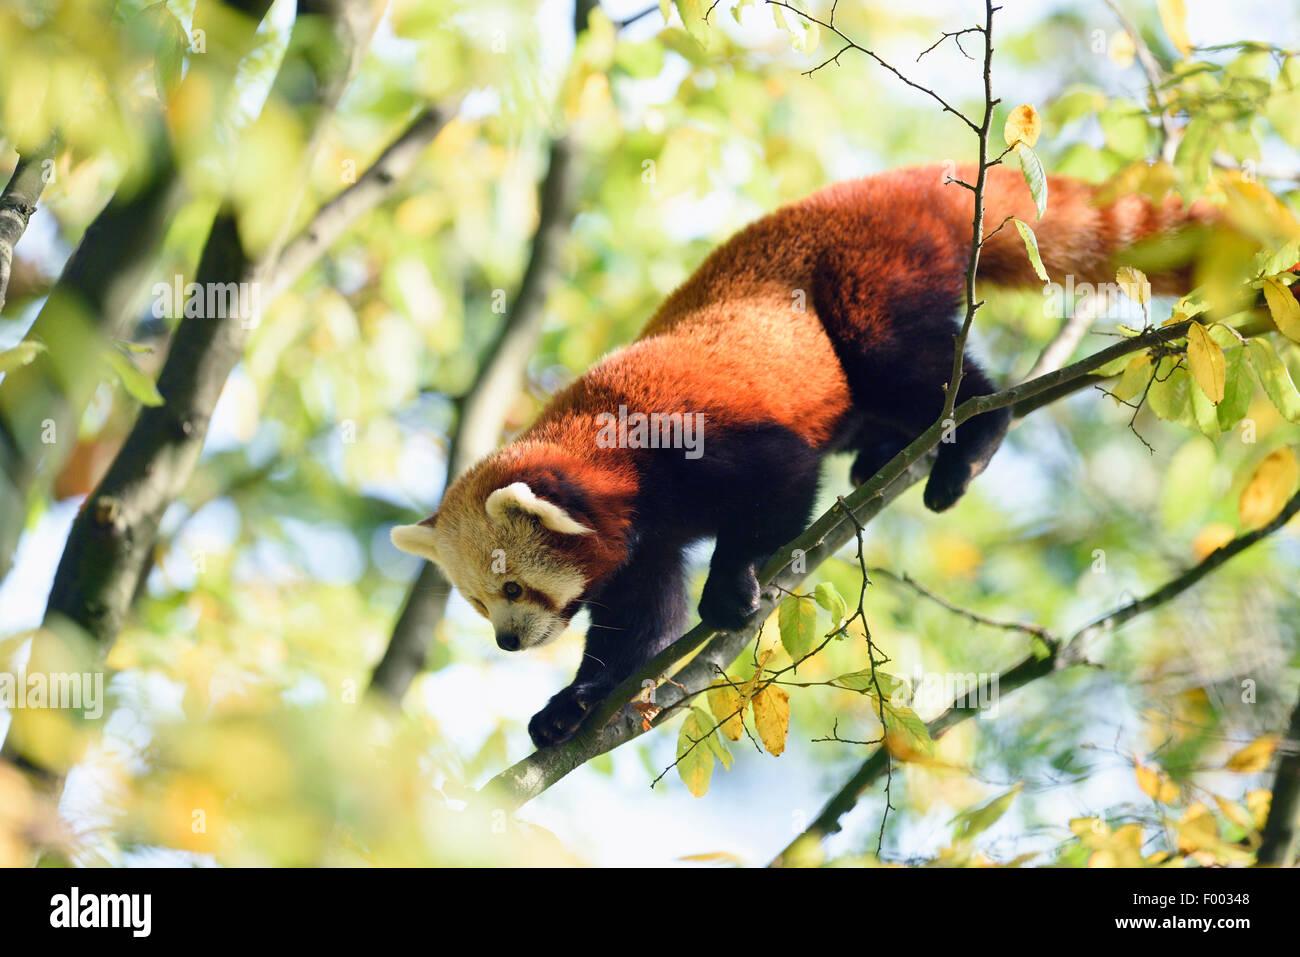 Lesser panda, el panda rojo (Ailurus fulgens), escalada en una sucursal Imagen De Stock